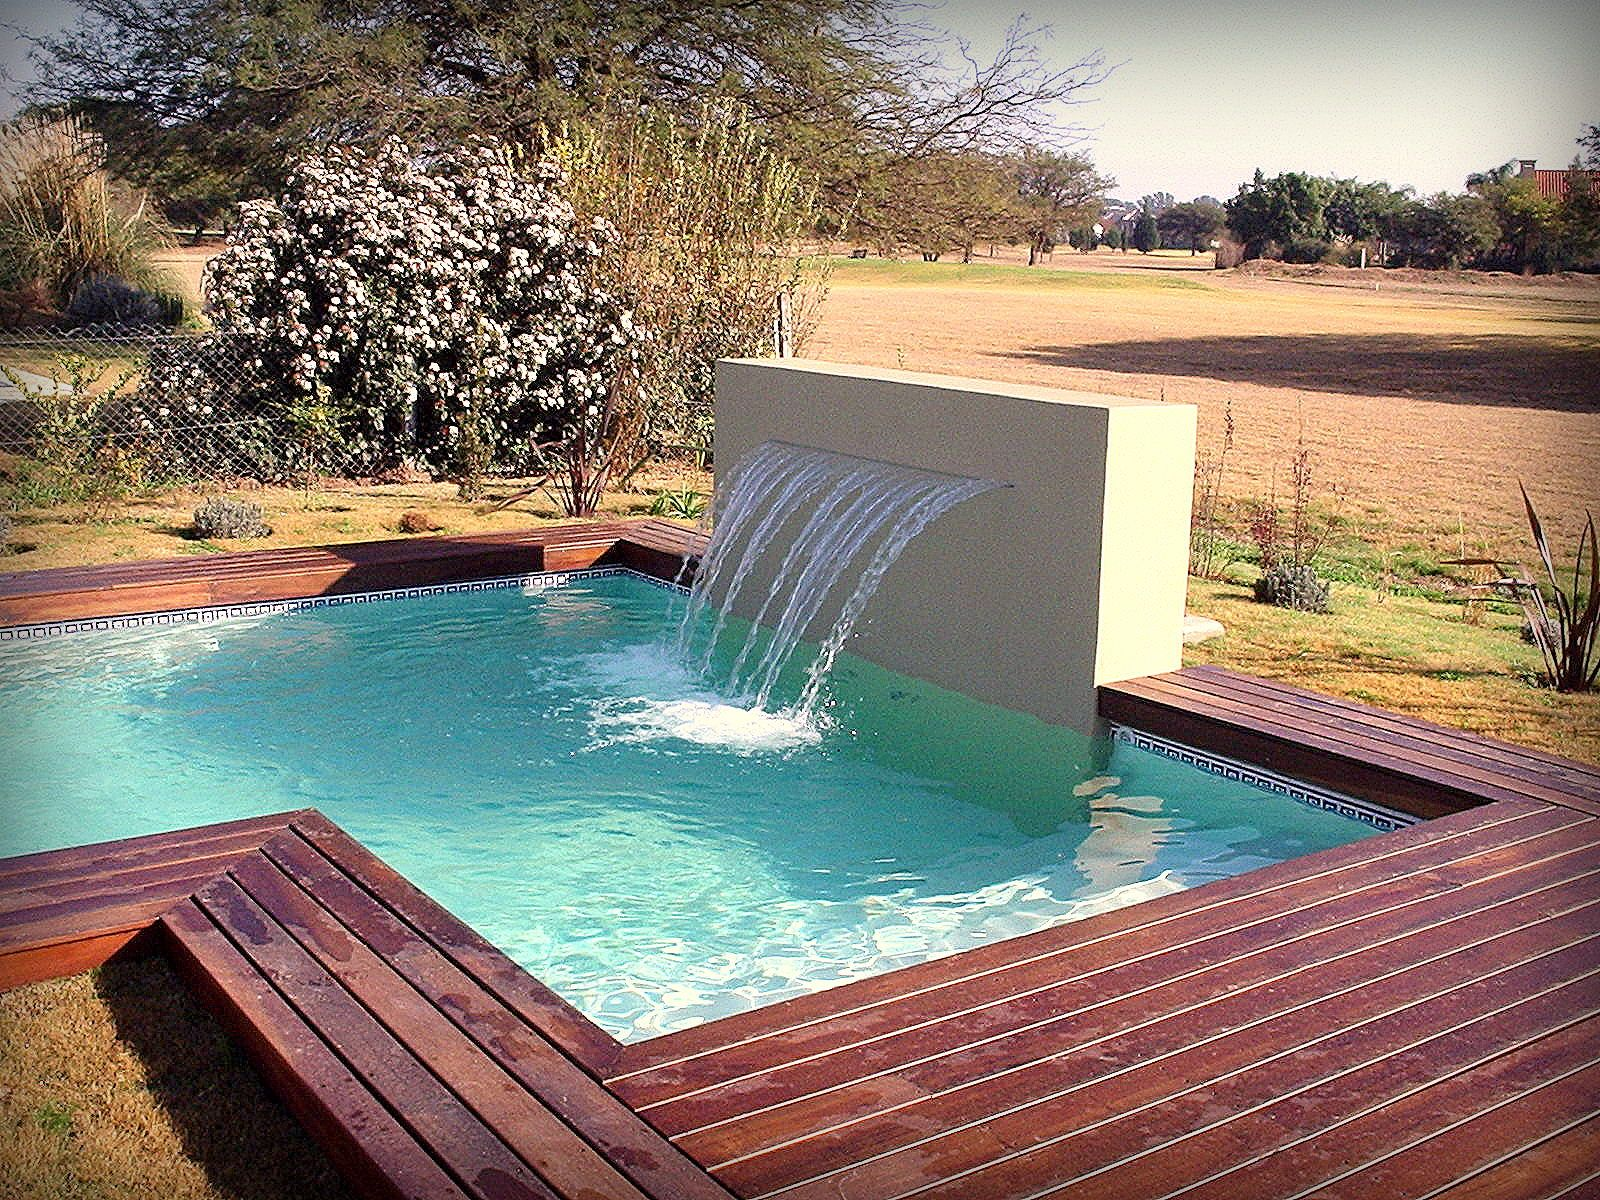 Piscina pool dise o personalizados cascada de agua for Disenos de cascadas para piscinas